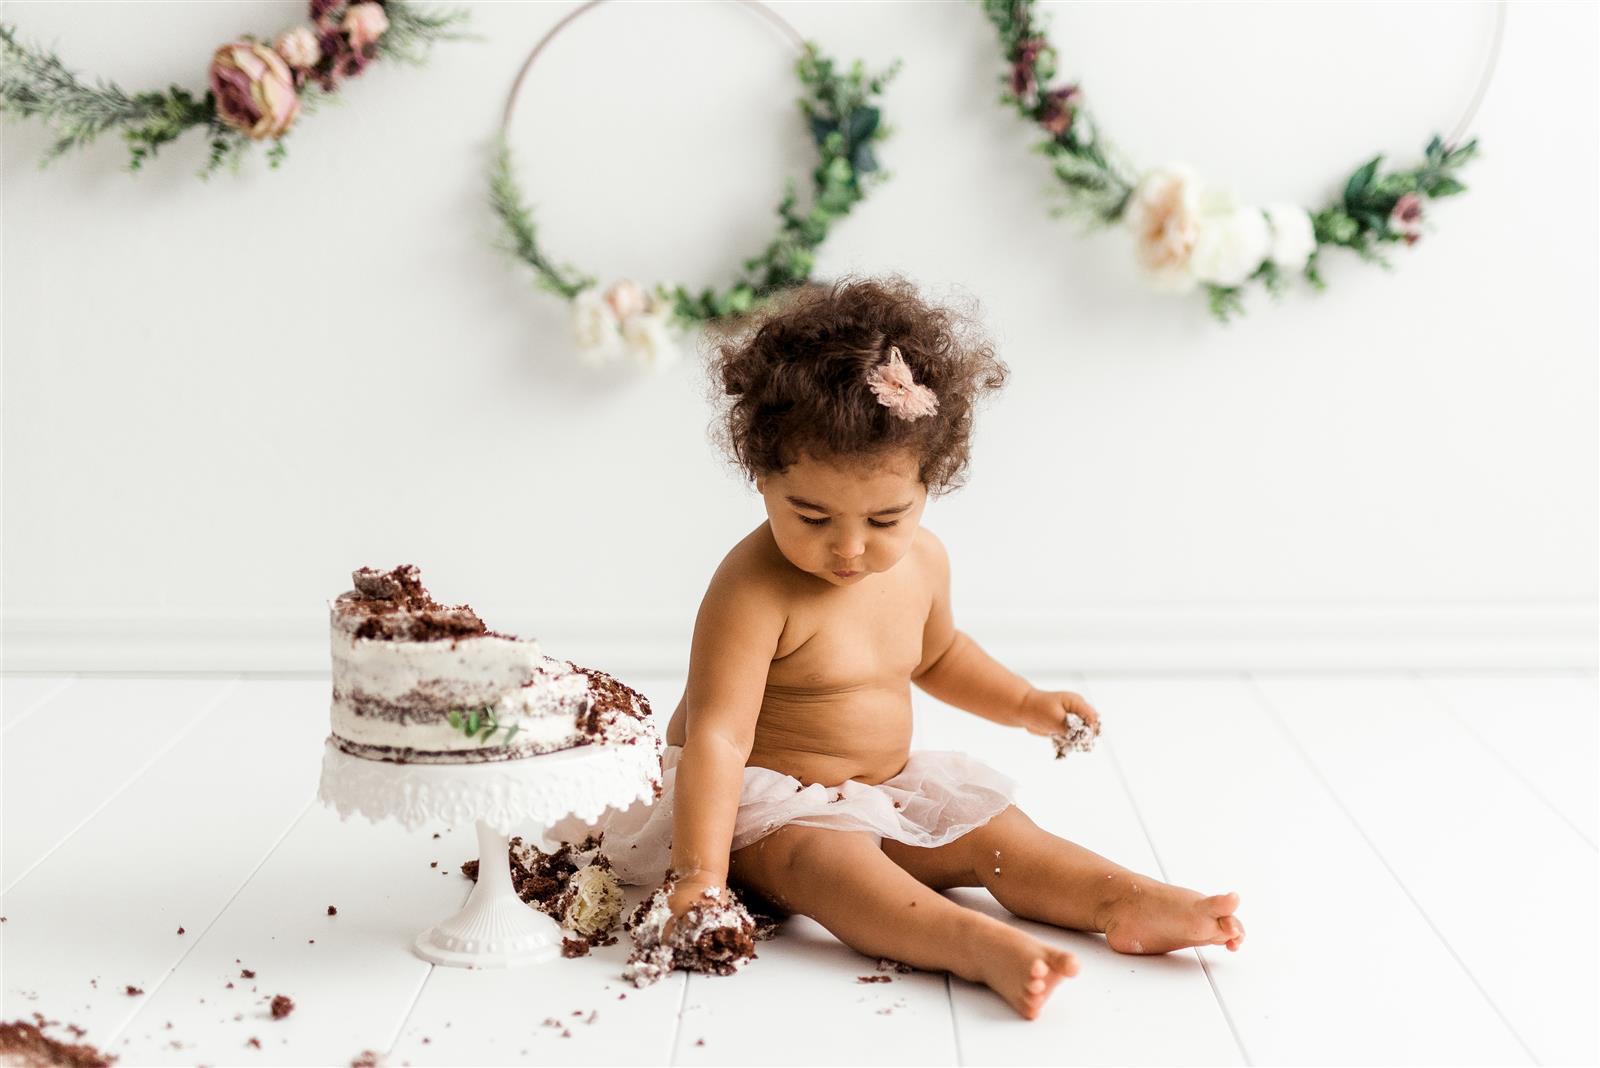 Cake Smash Fotografiranje | Neža Reisner Photography - fotografiranje otrok, dojenčkov, fotografiranje za rojstni dan